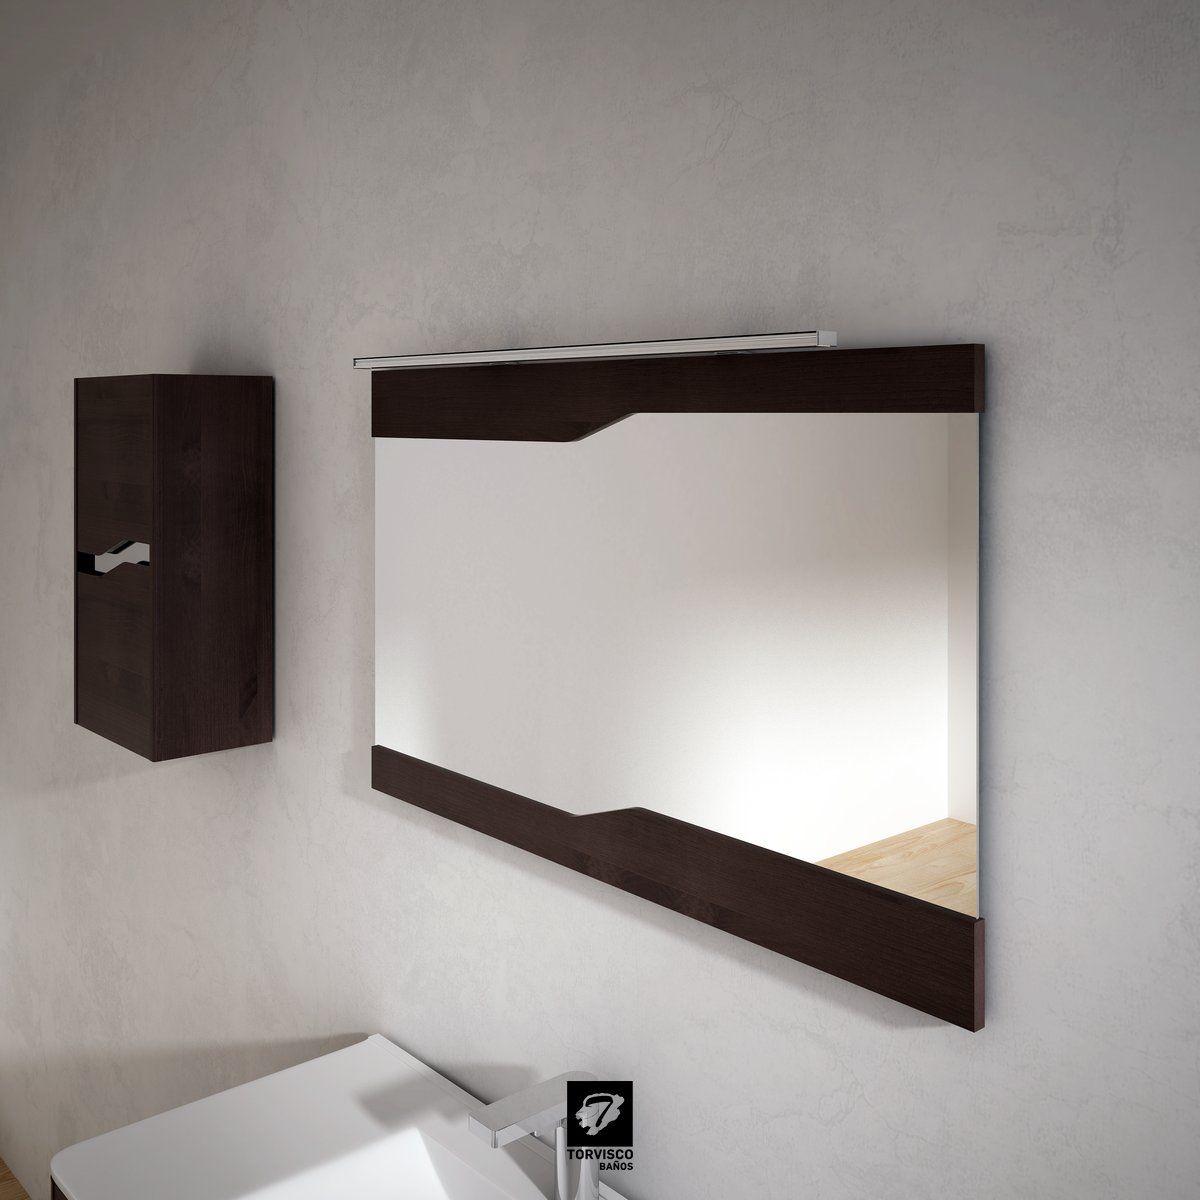 Detalle Del Espejo Natura Fabricado Por Torvisco Group A Juego Con  # Mueble Loa Torvisco